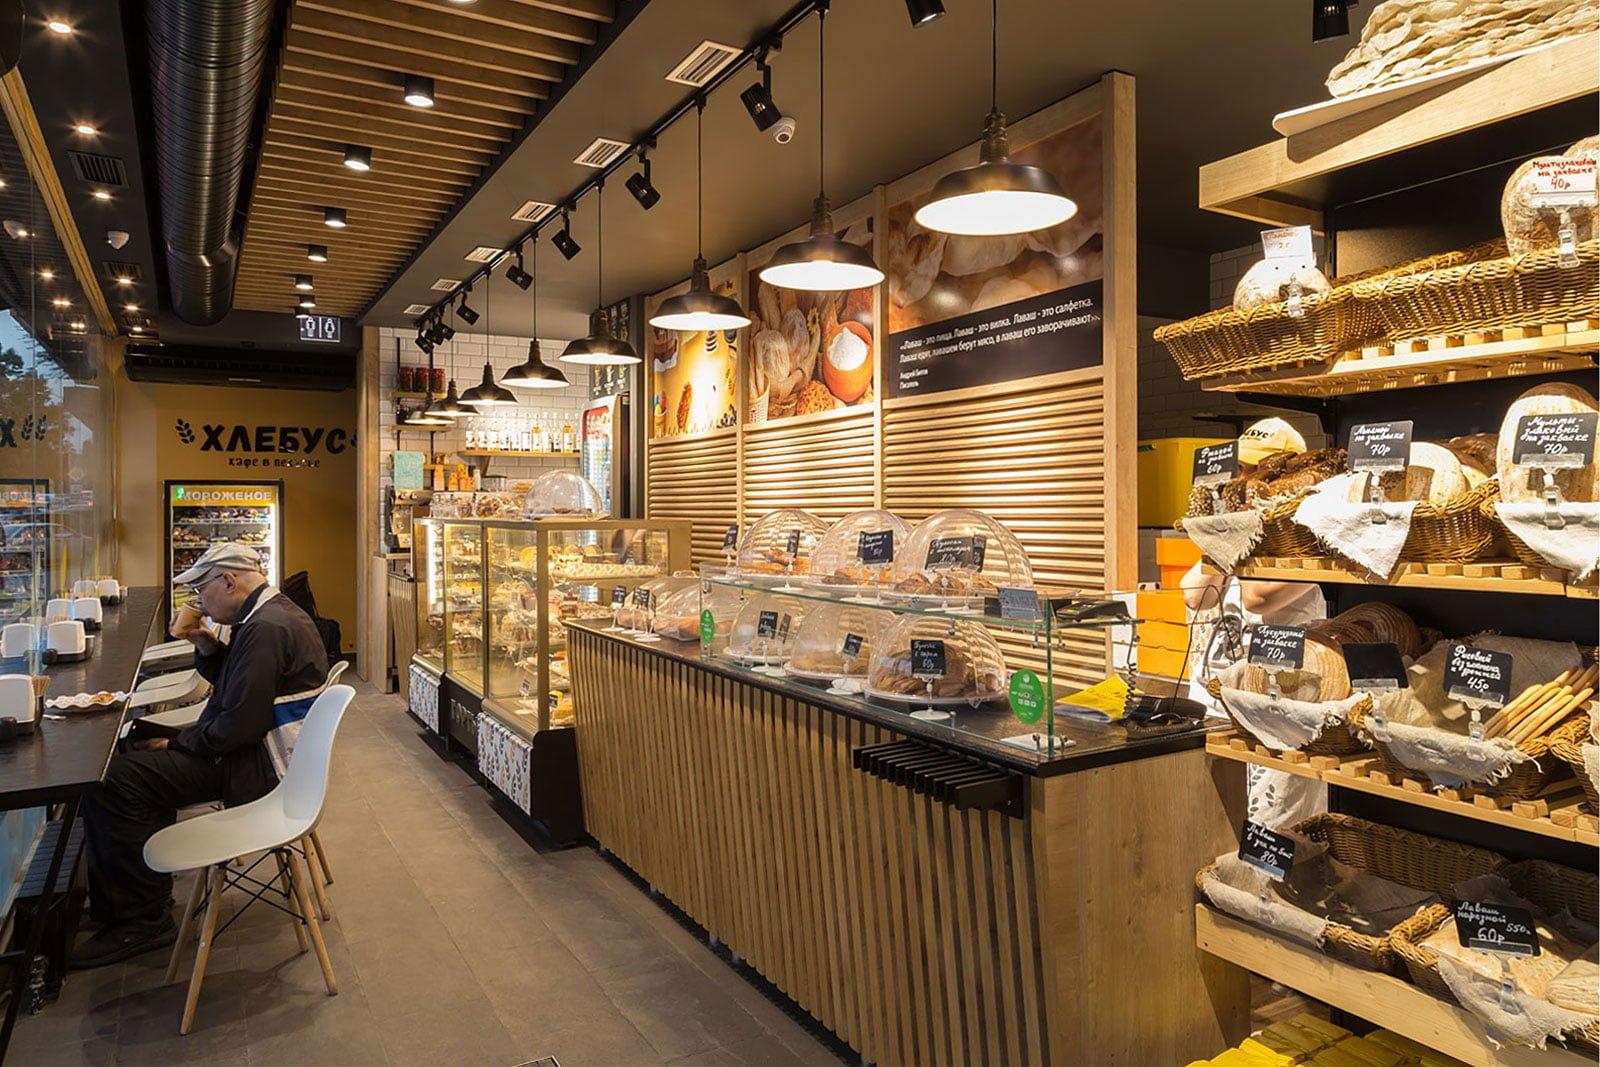 foto torgovogo zala kafe v pekarne s vypechkoy i posetitelyami